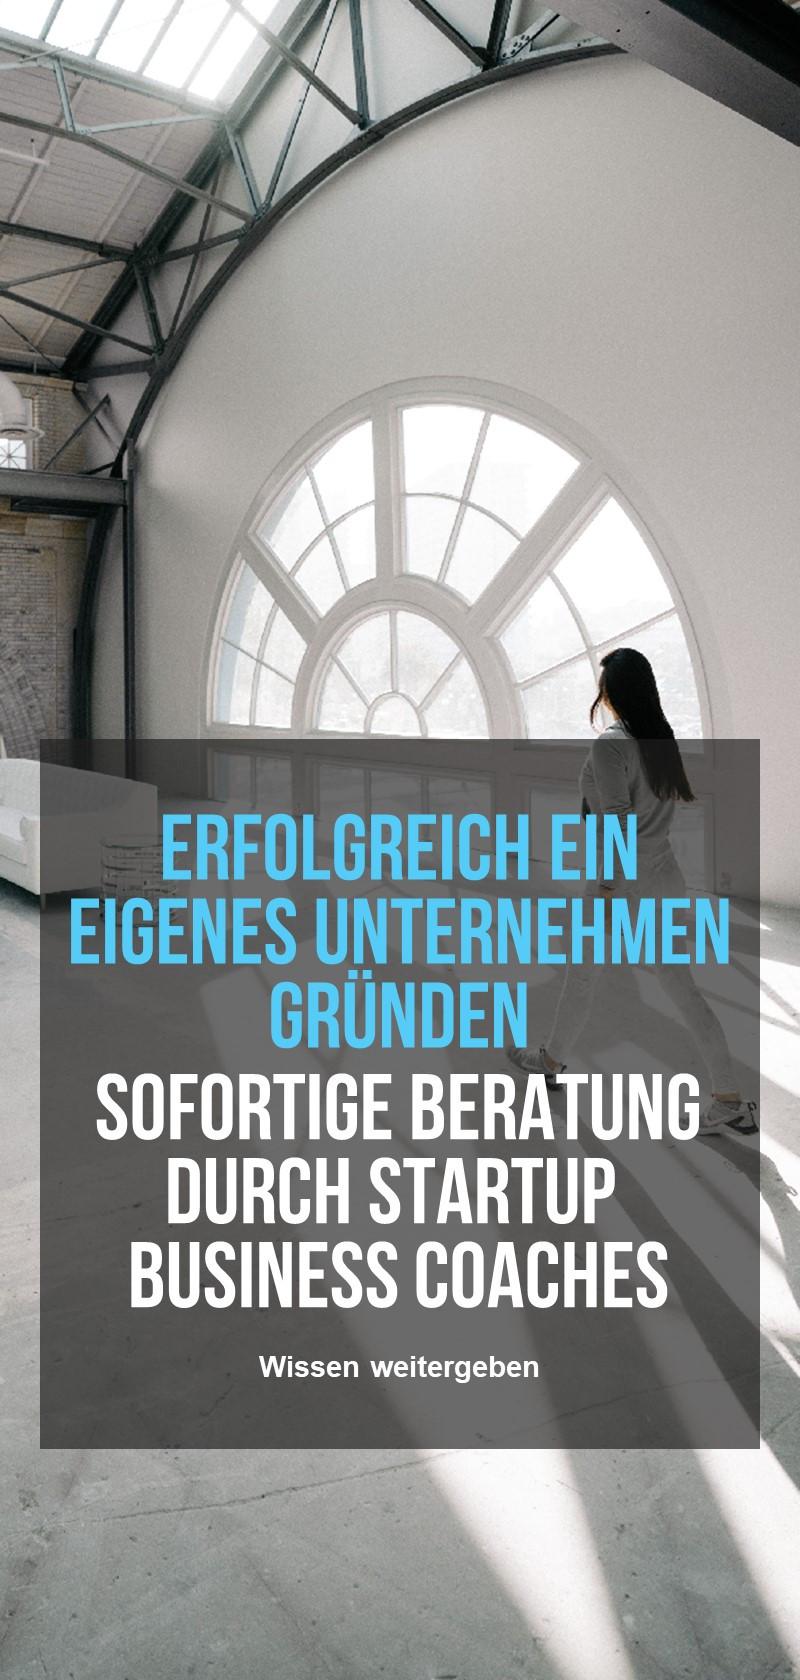 Startup starten